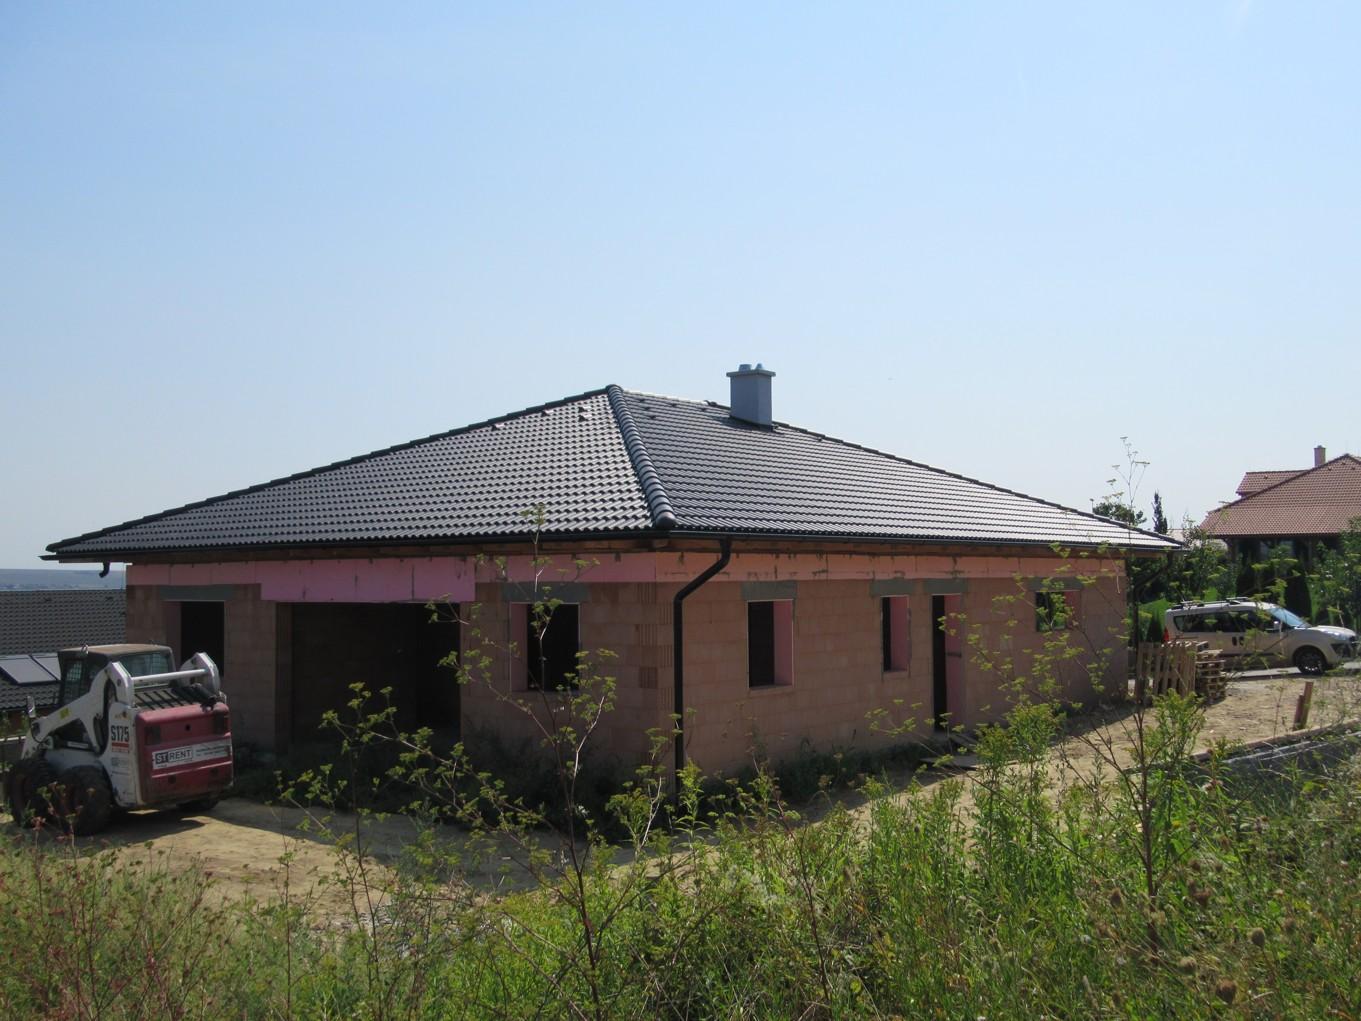 Väzníková strecha na kľúč s krytinou Terran Danubia EVO Carbon Horné Krškany okr. Nitra - Obrázok č. 4